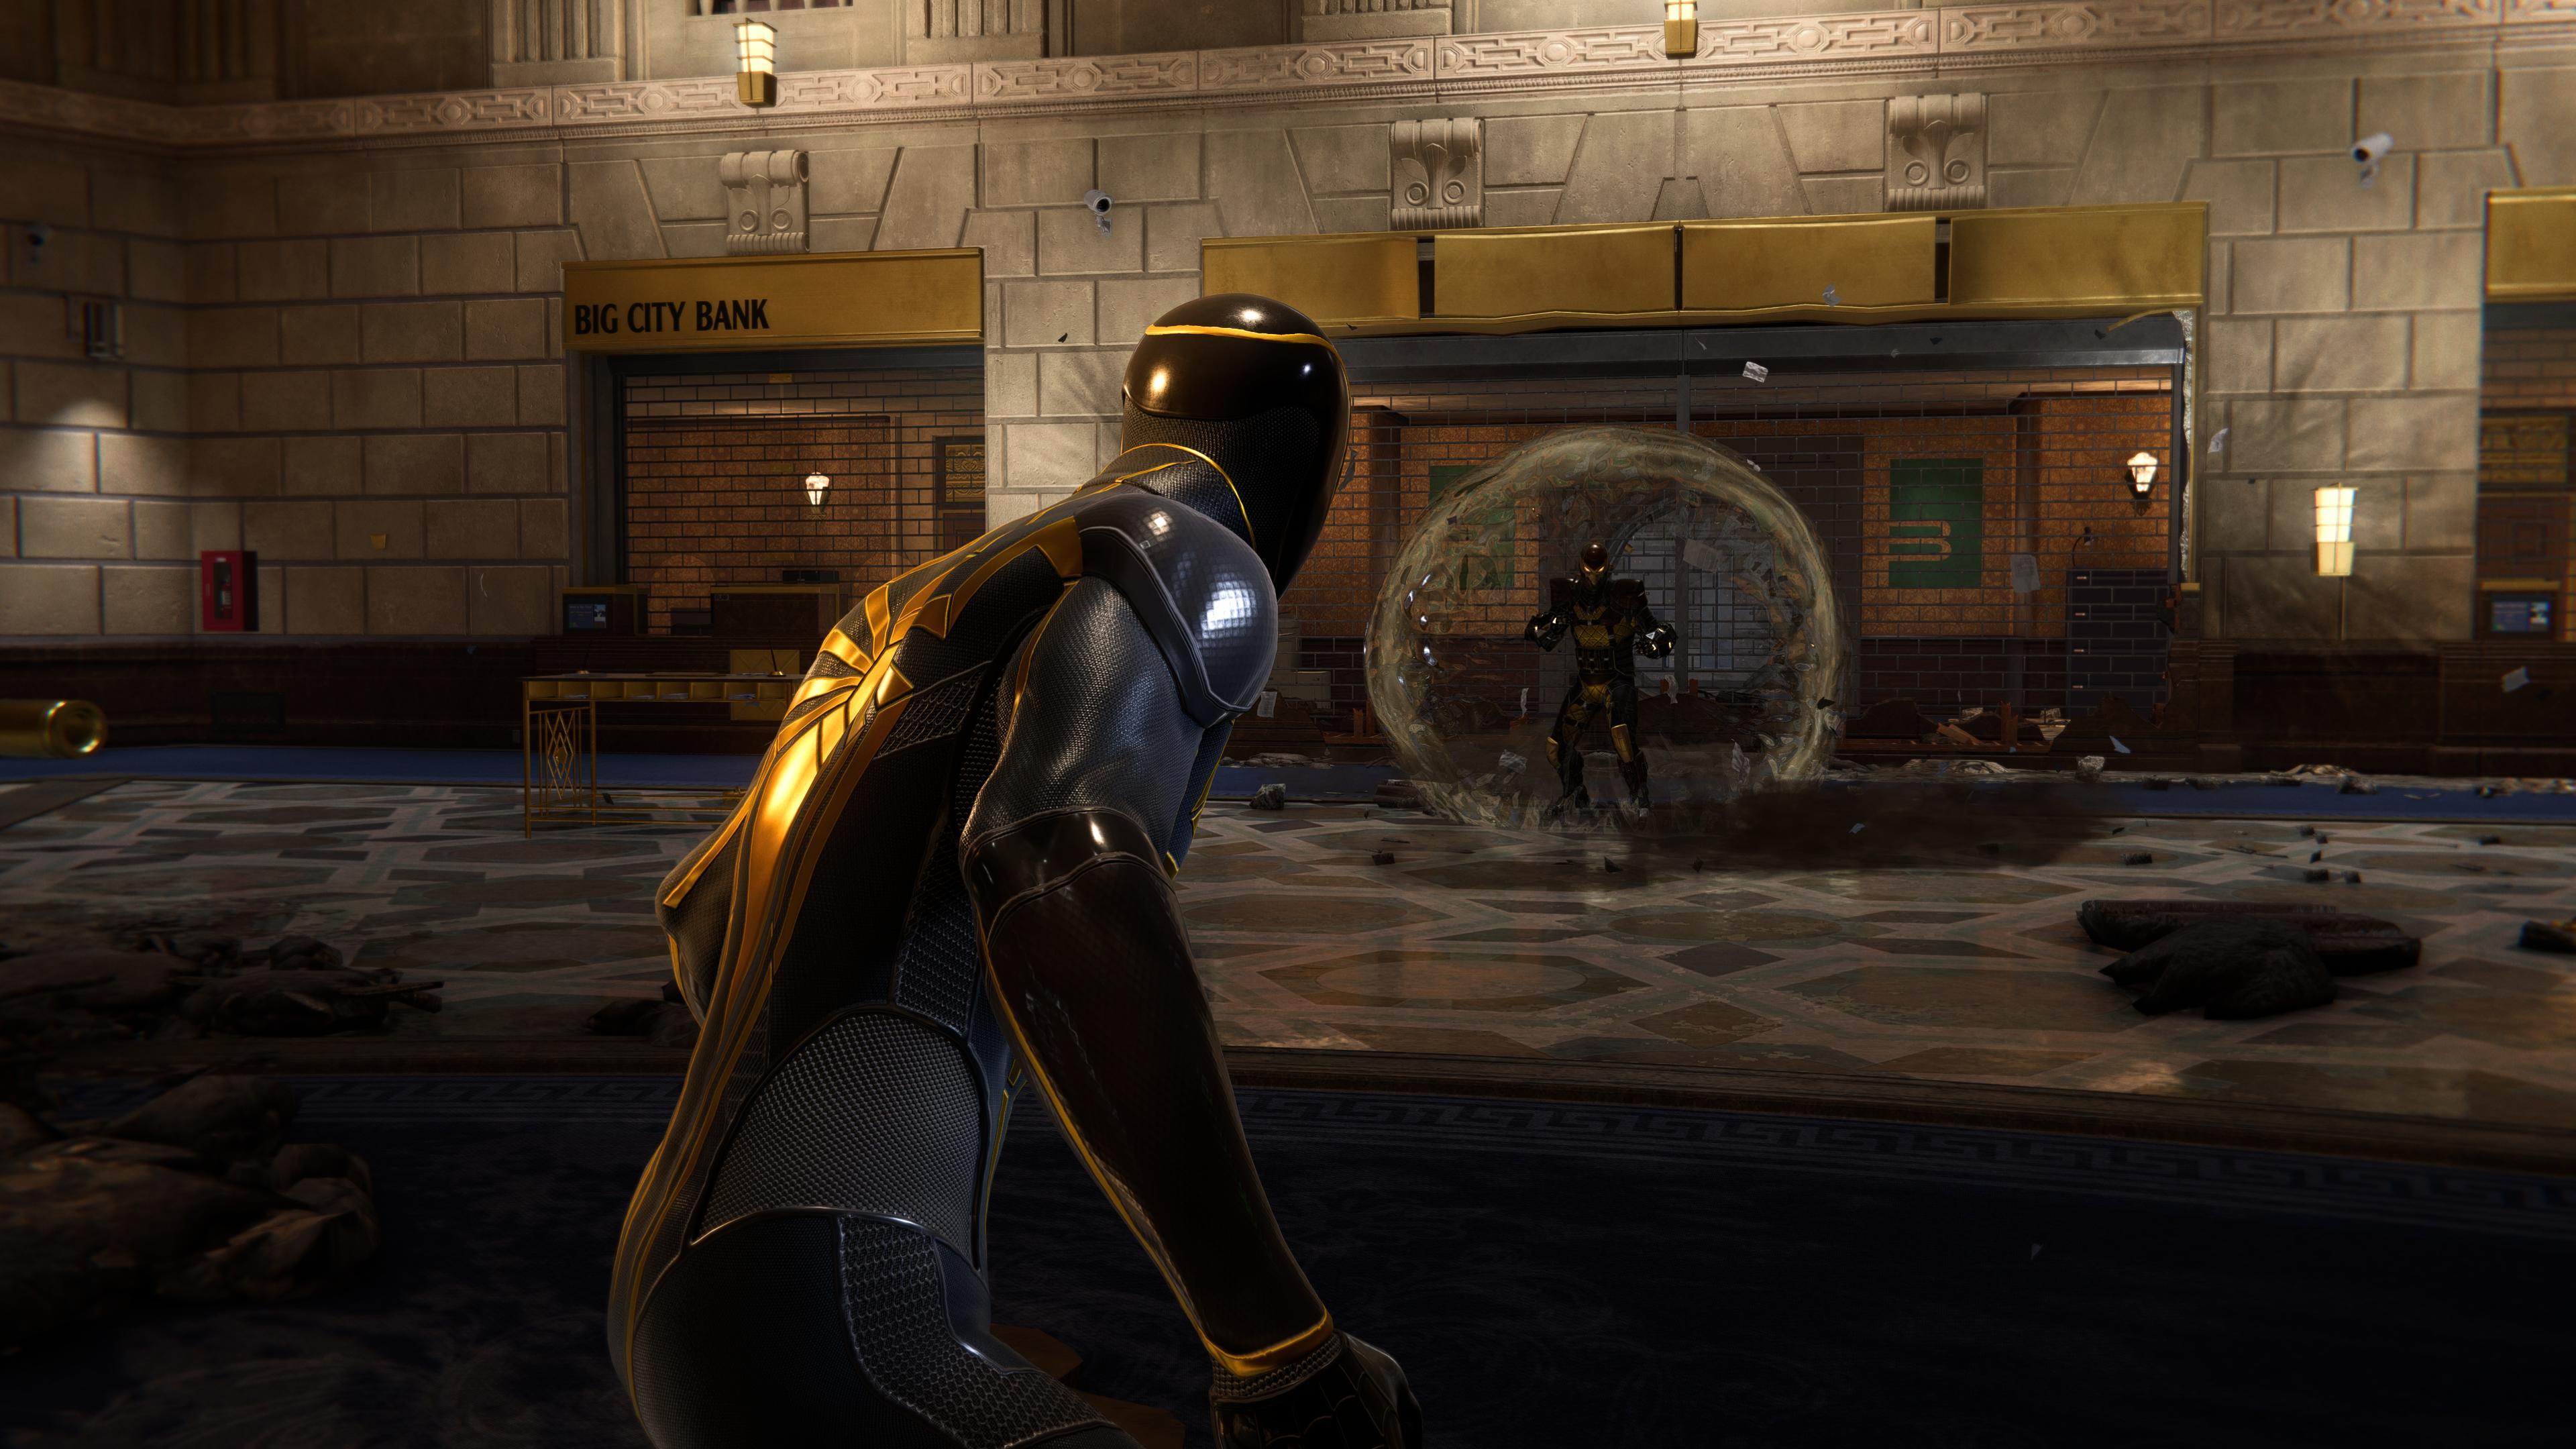 https://i.ibb.co/WKjZqvB/Marvel-s-Spider-Man-Remastered-20210511235900.jpg